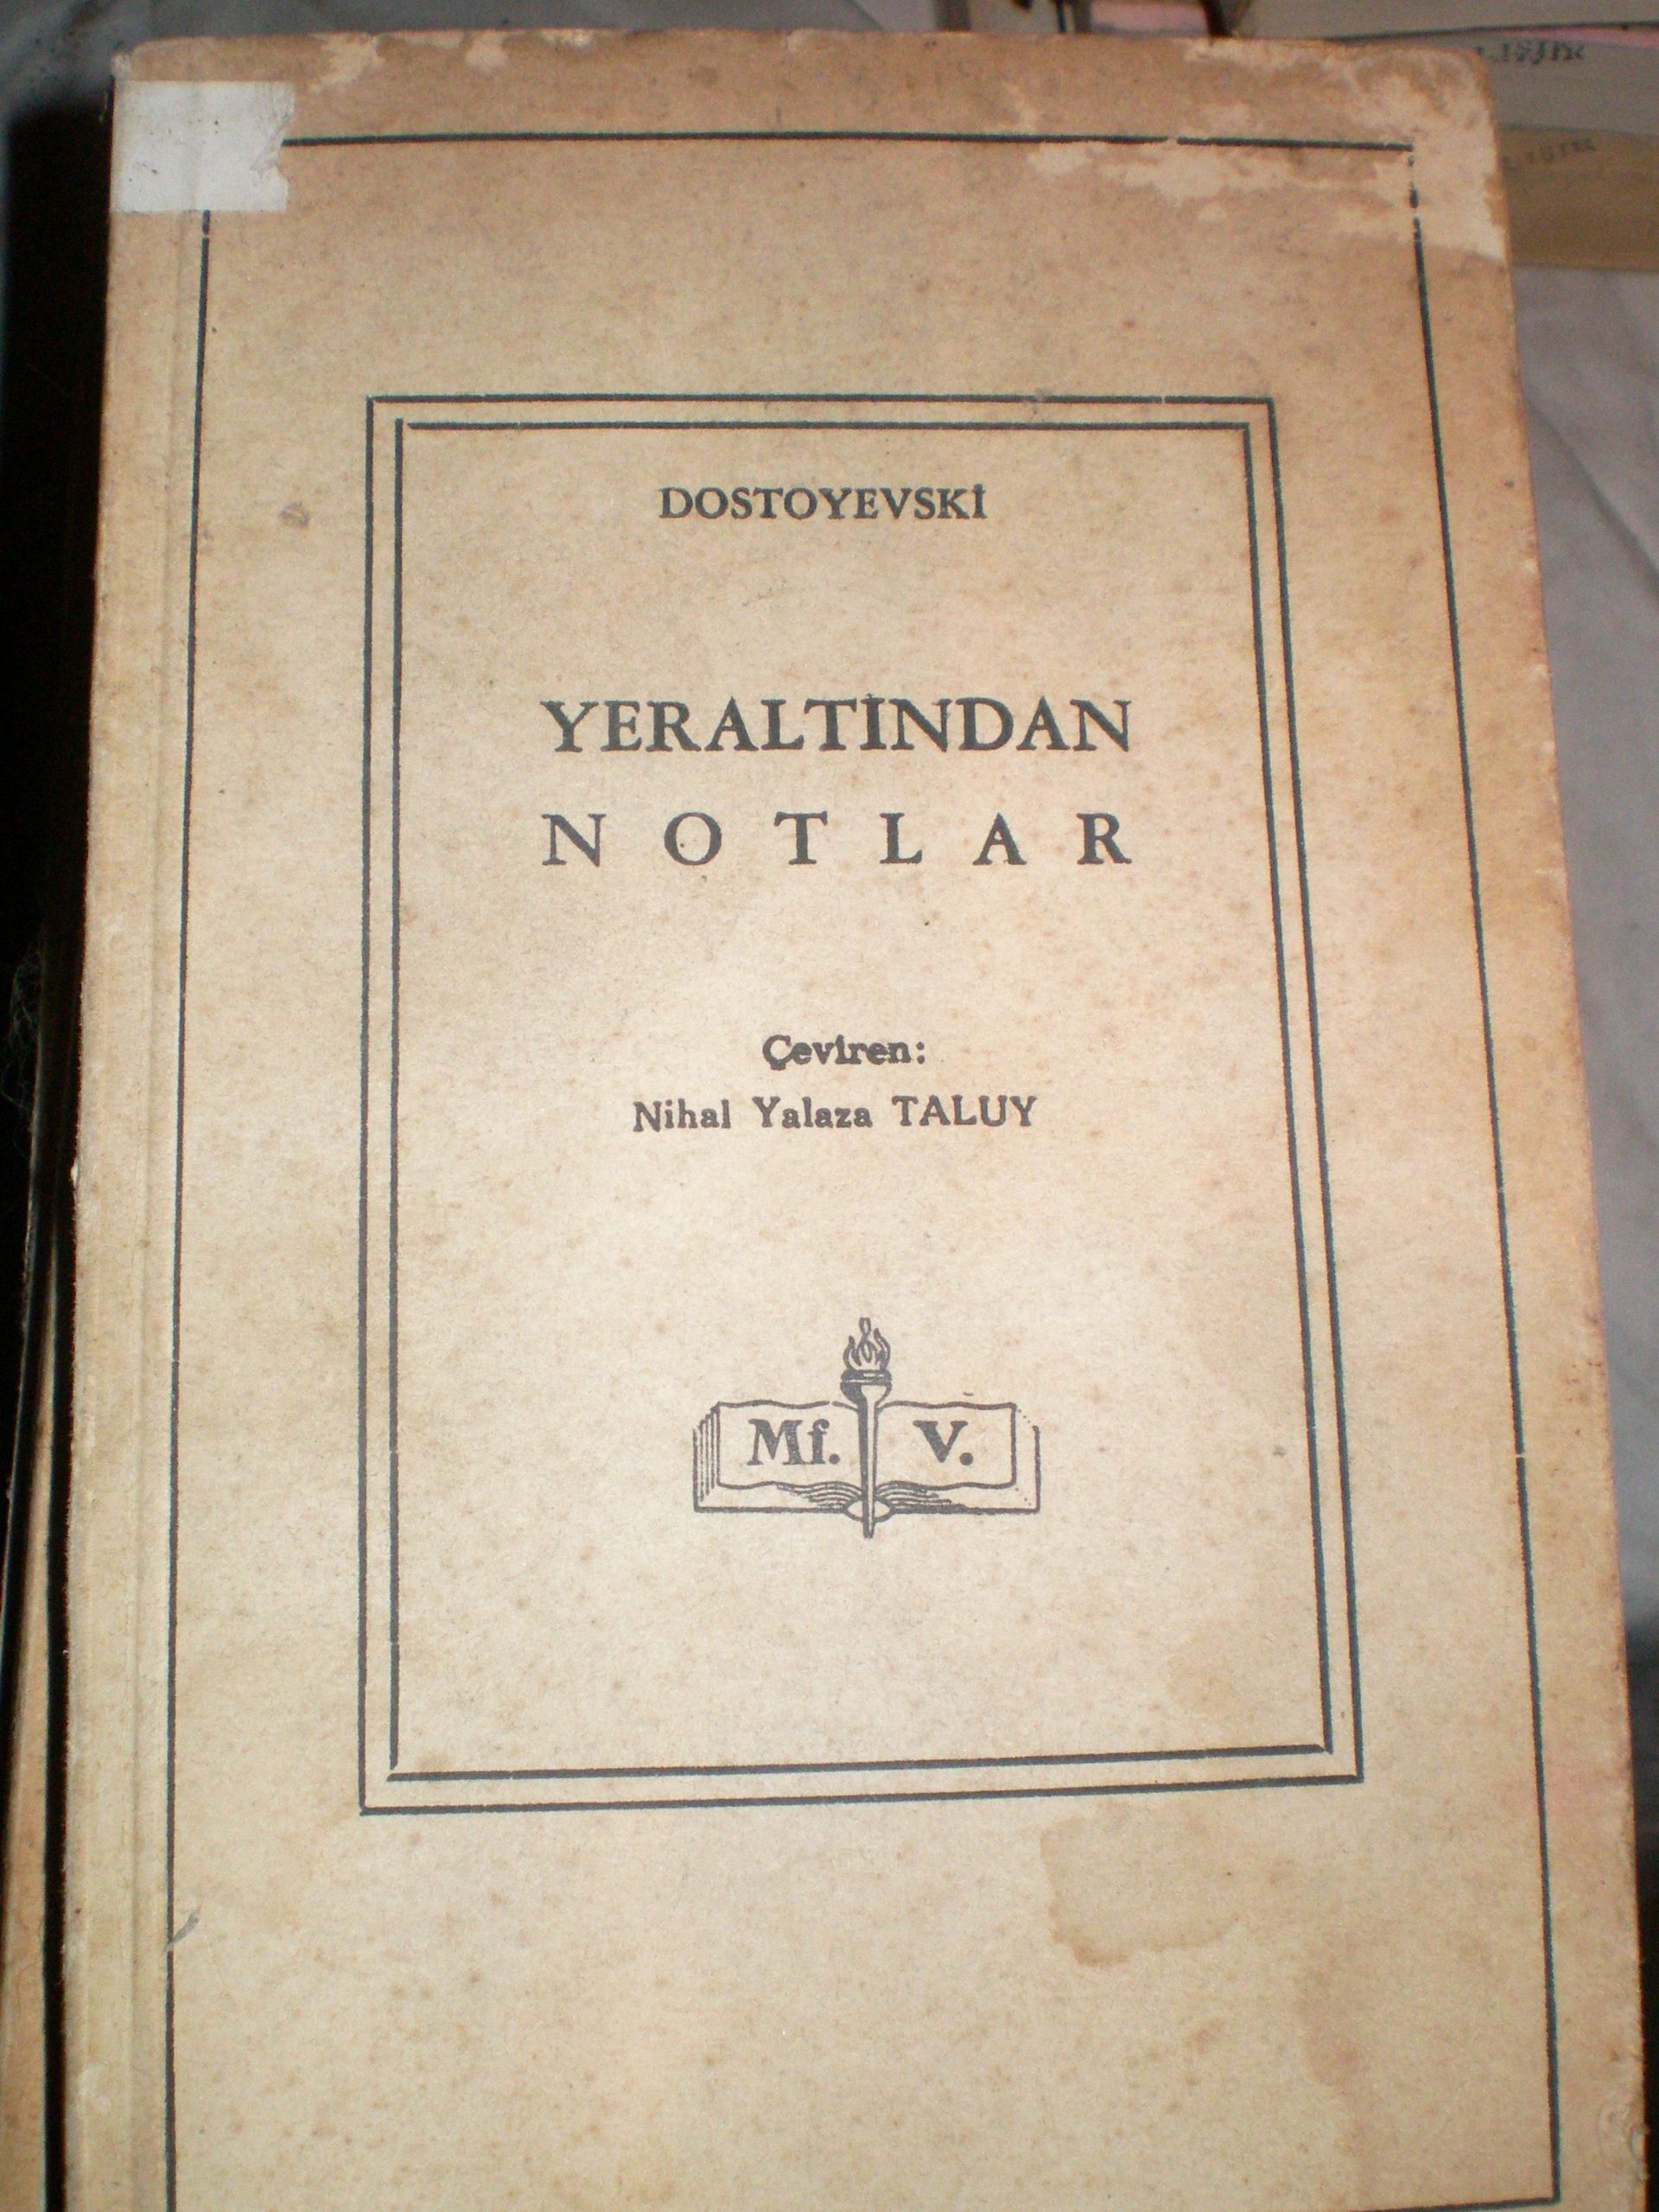 YERALTINDAN NOTLAR/Dostoyevski/10 TL